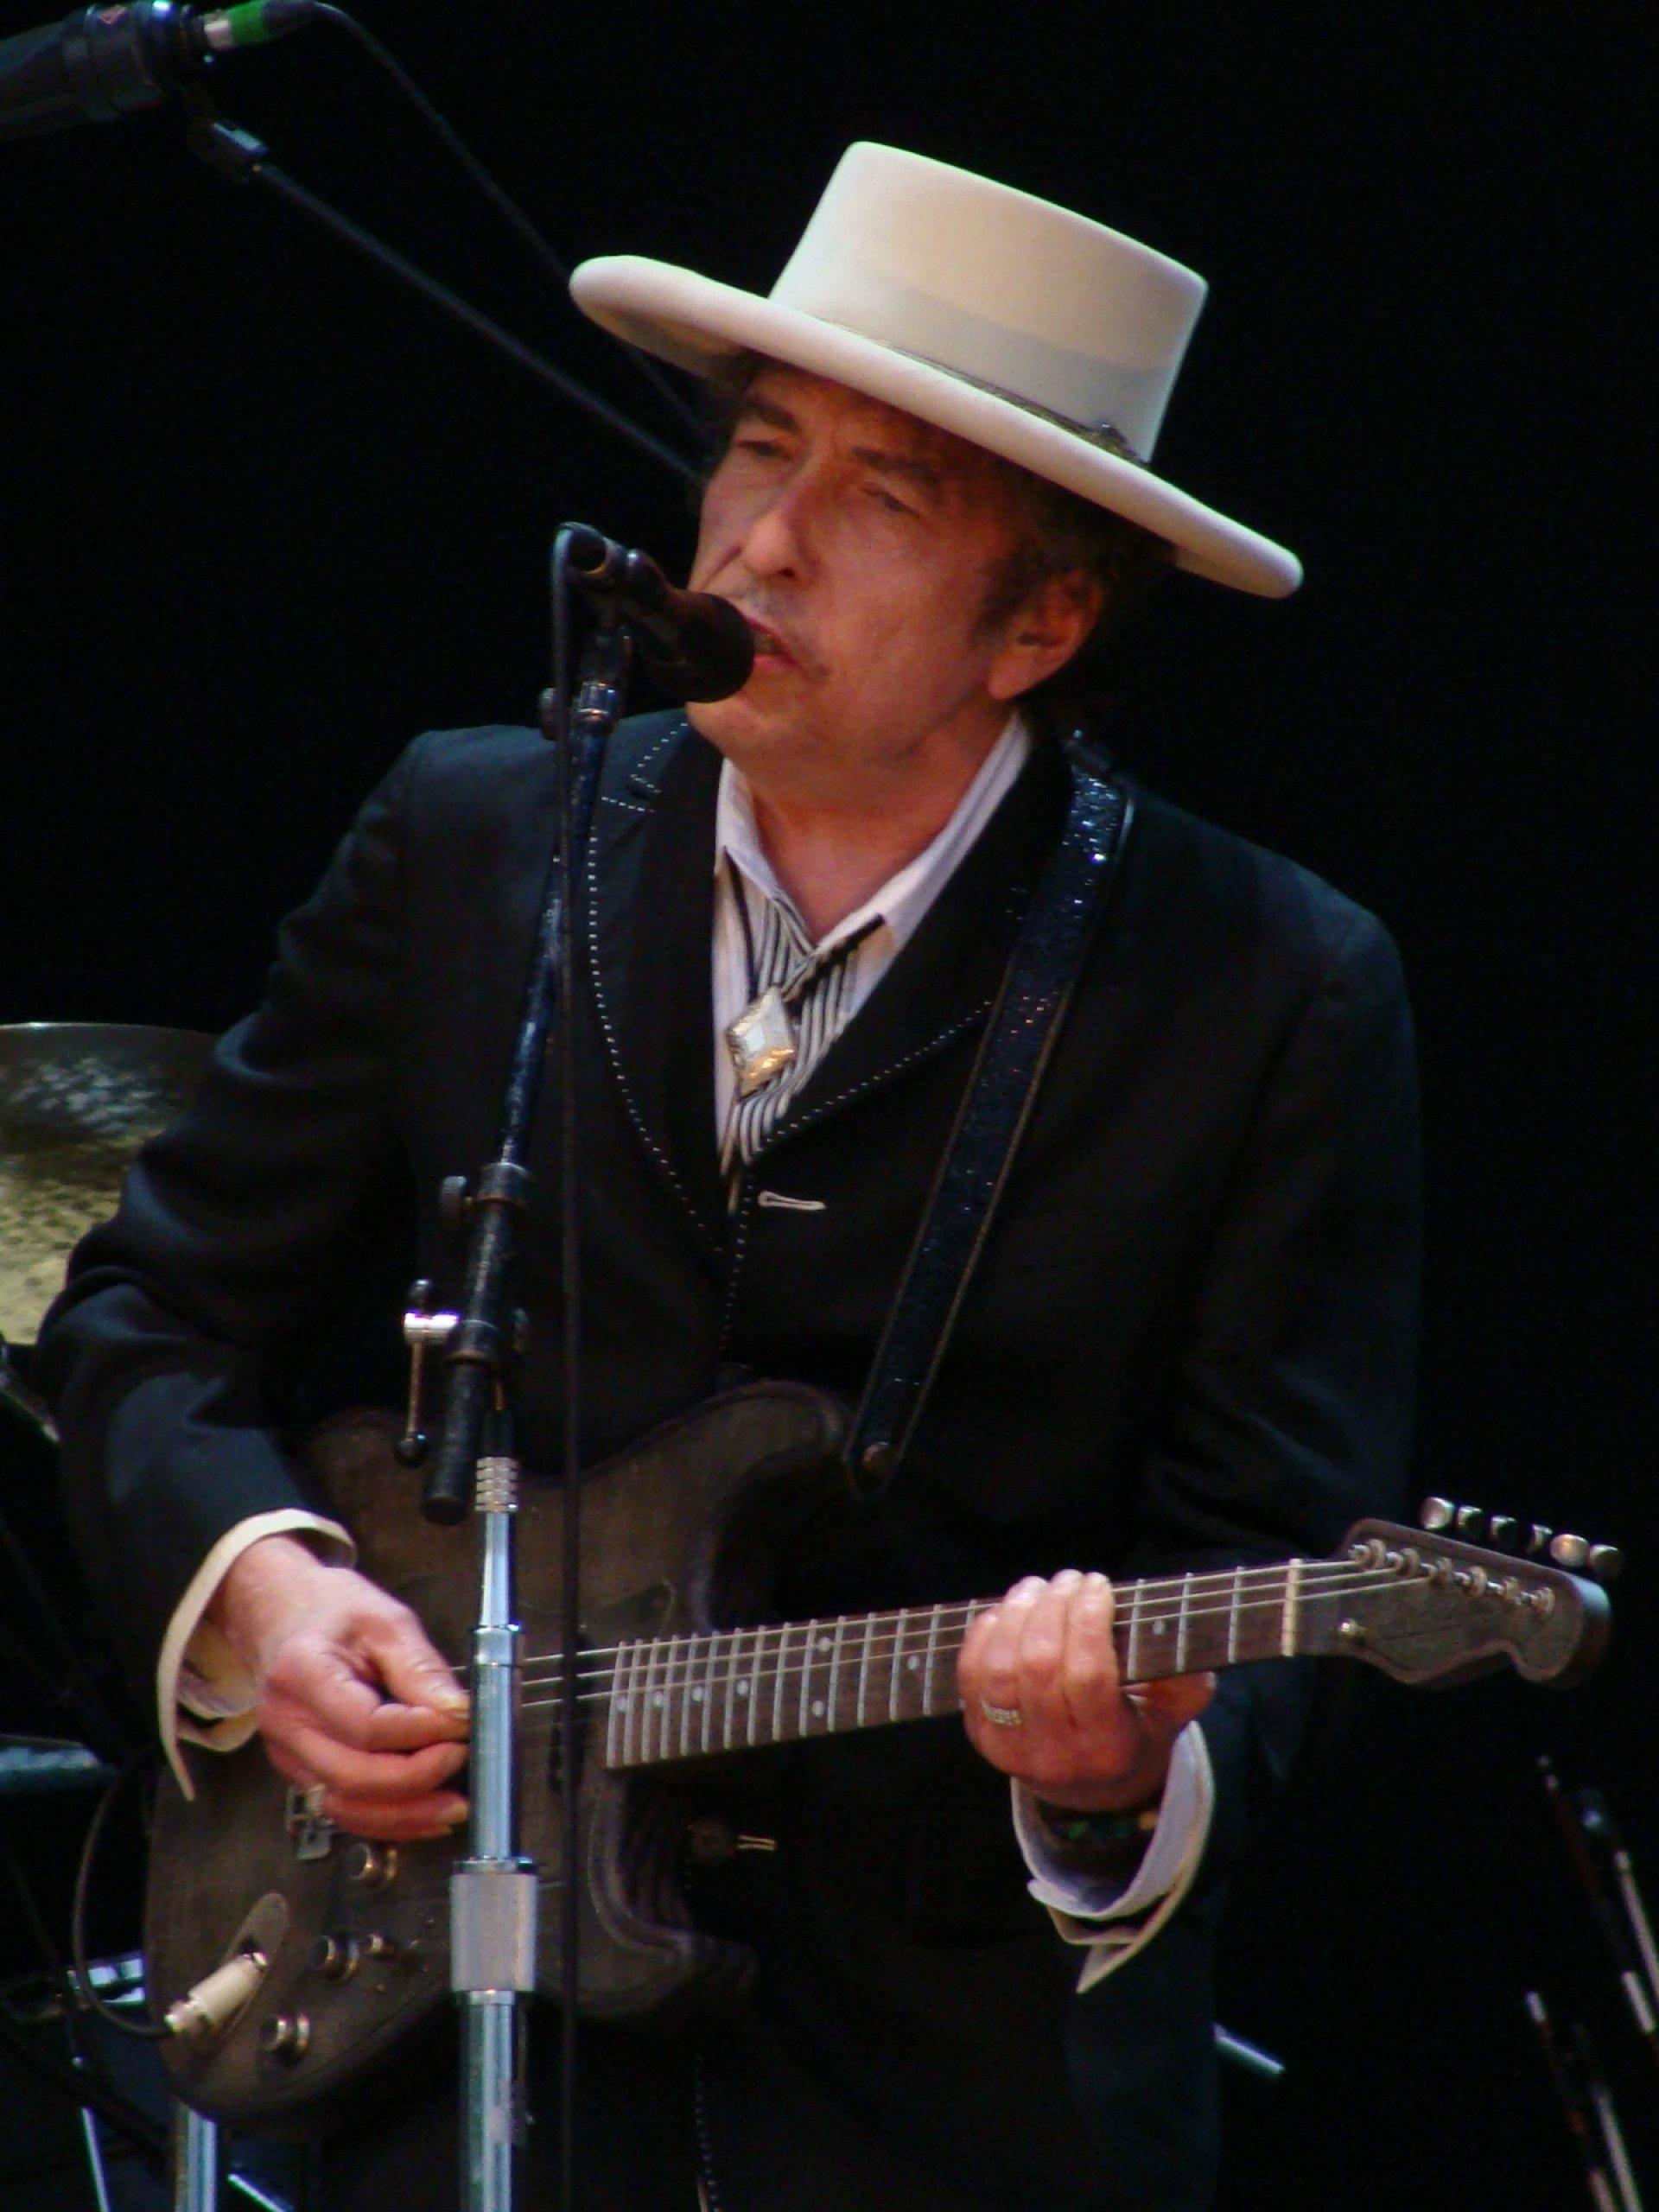 Bob Dylan performing. | Photo courtesy Alberto Cabello